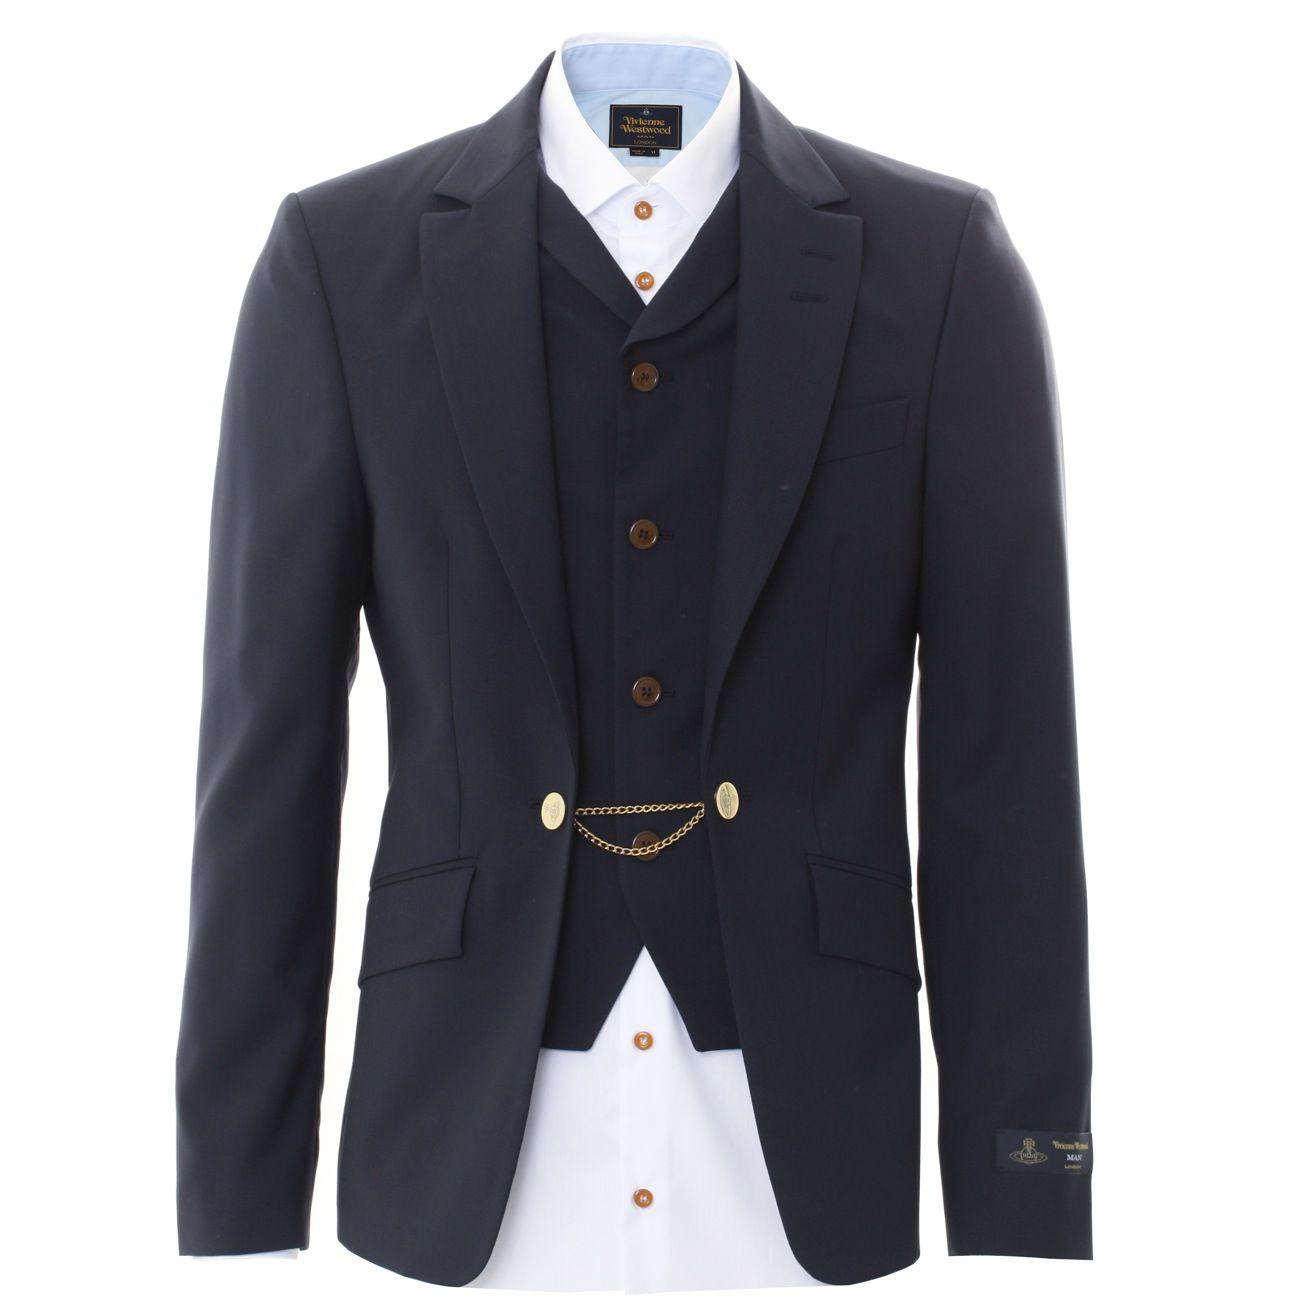 Vivienne Westwood Blazer Jackets Blazer Waistcoat